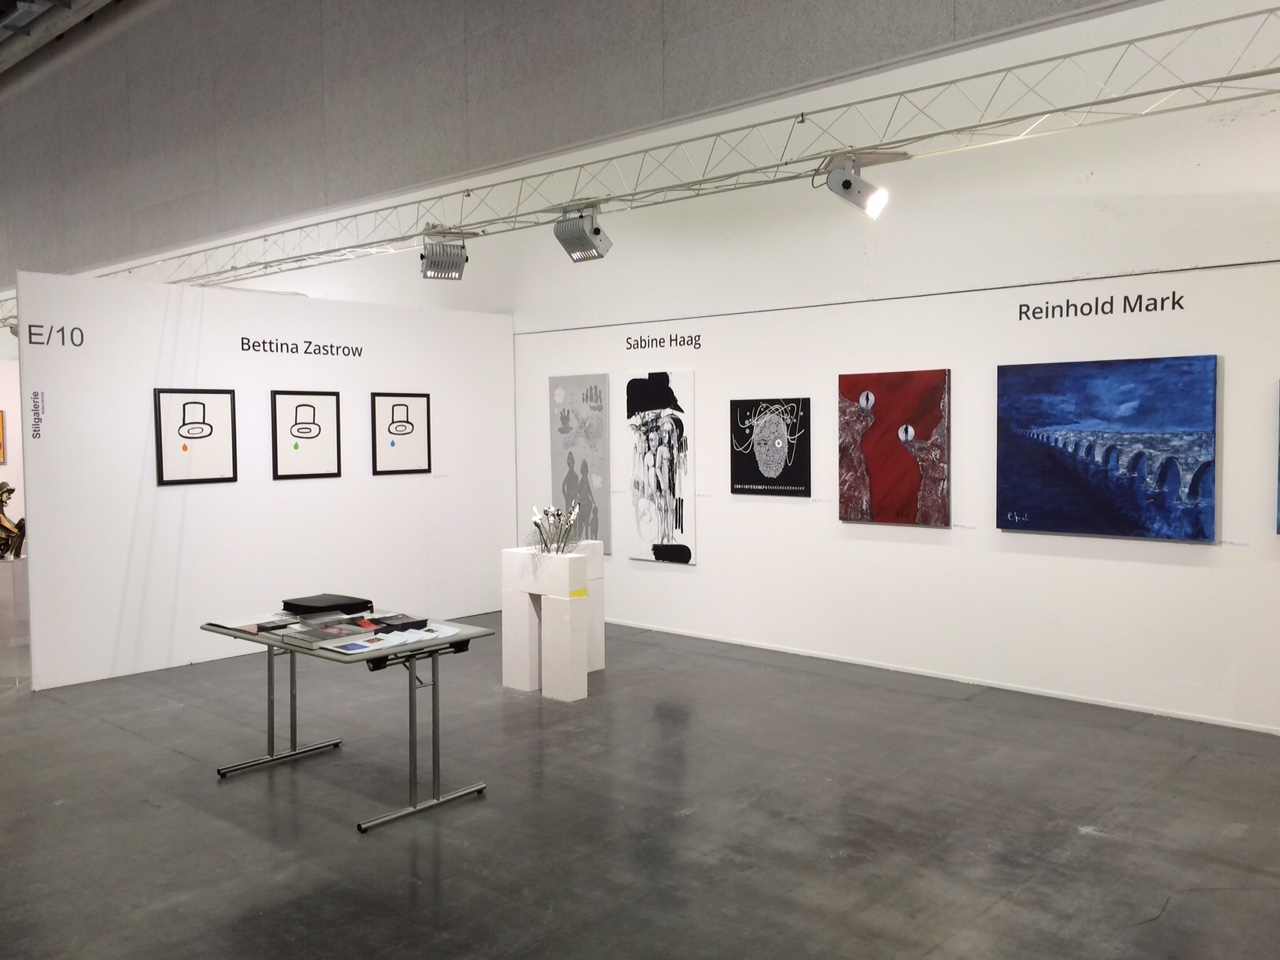 Stand der Stilgalerie auf der Kunstmesse Art Innsbruck 2015